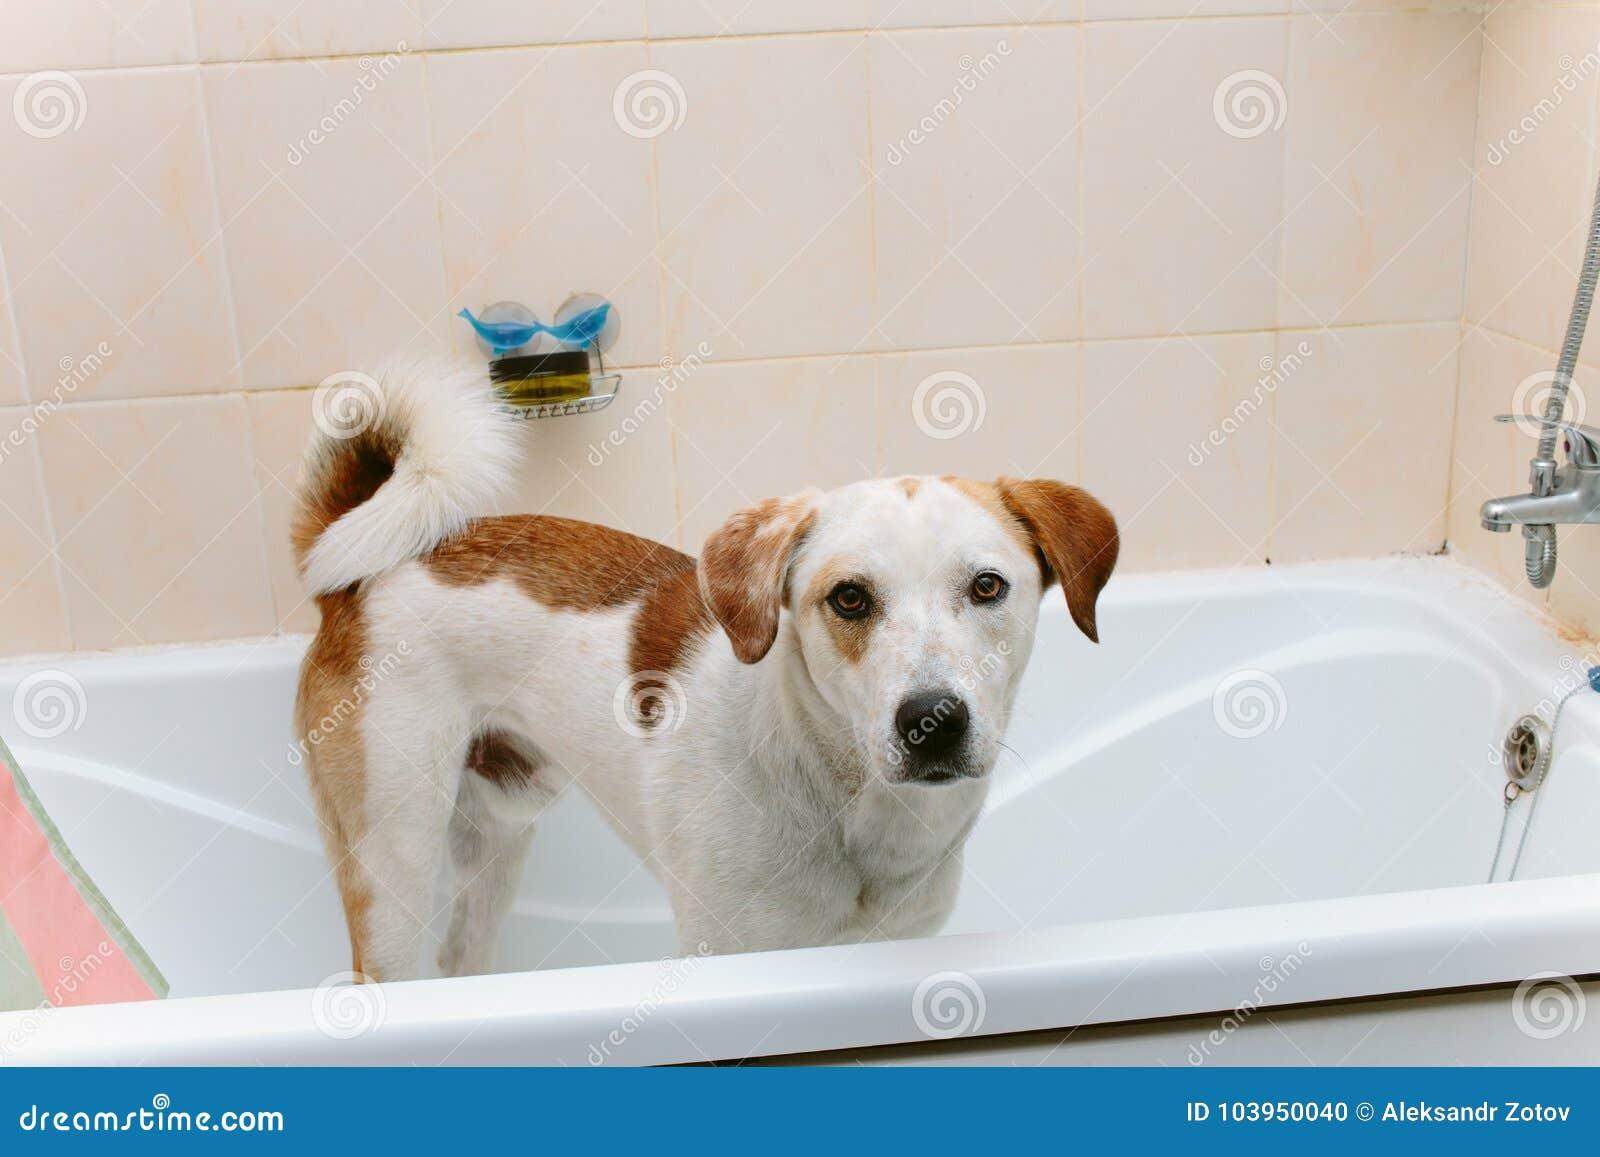 Netter Hund Der In Der Badewanne Wartet Gewaschen Zu Werden Steht